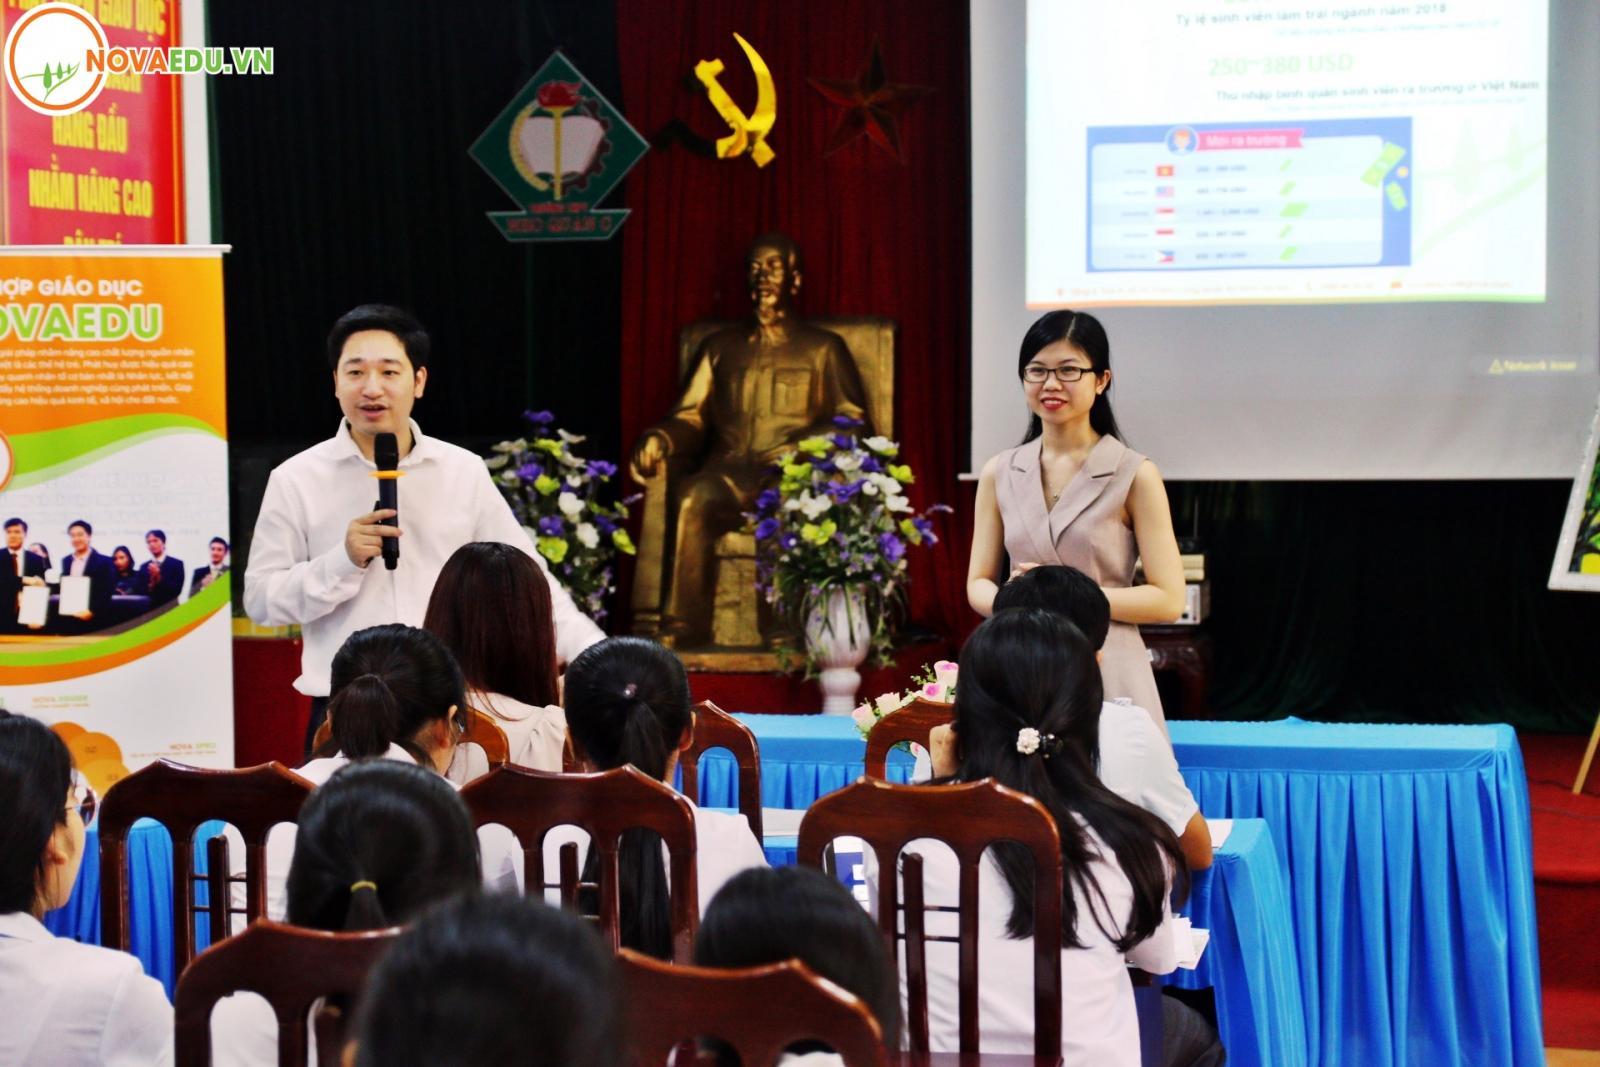 CEO Đỗ Mạnh Hùng và Cô Đỗ Thùy Dung - giám đốc Nova Eguide chia sẻ kiến thức về định hướng nghề nghiệp